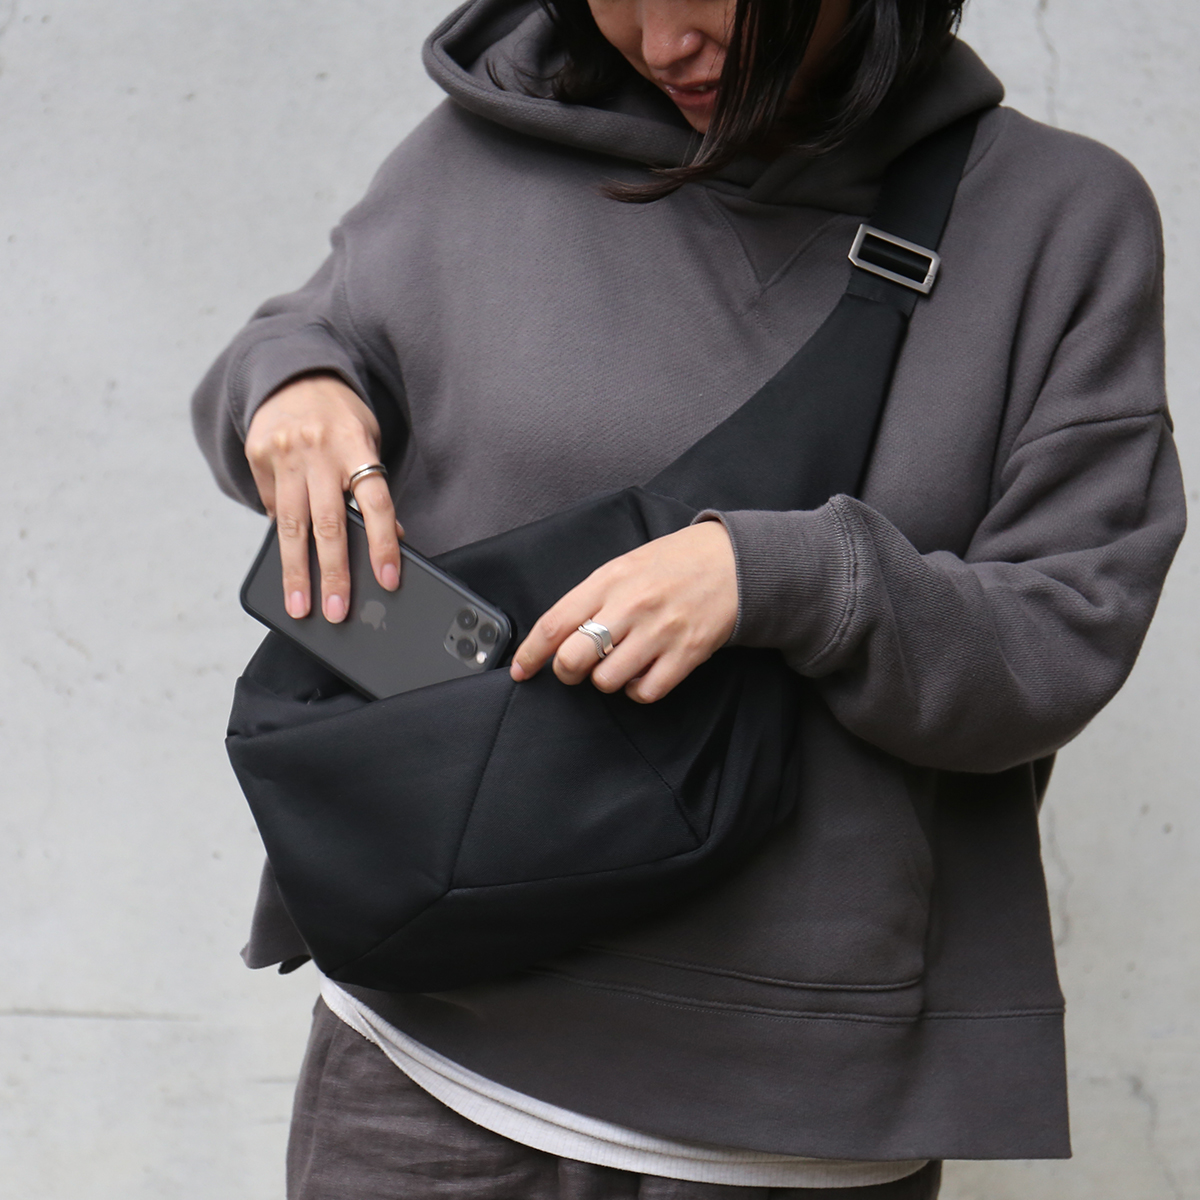 美しいデザインは、国立ミラノ工科大学での指導経験もある、ヴェネツィア出身のプロダクトデザイナー、ジョイア・ジョヴァンネッラ氏によるもの。「石」から発想したミニマルデザイン、タブレットと上着を入れても型崩れしない「ボディバッグ」|STONE SLING(ストーン スリング)